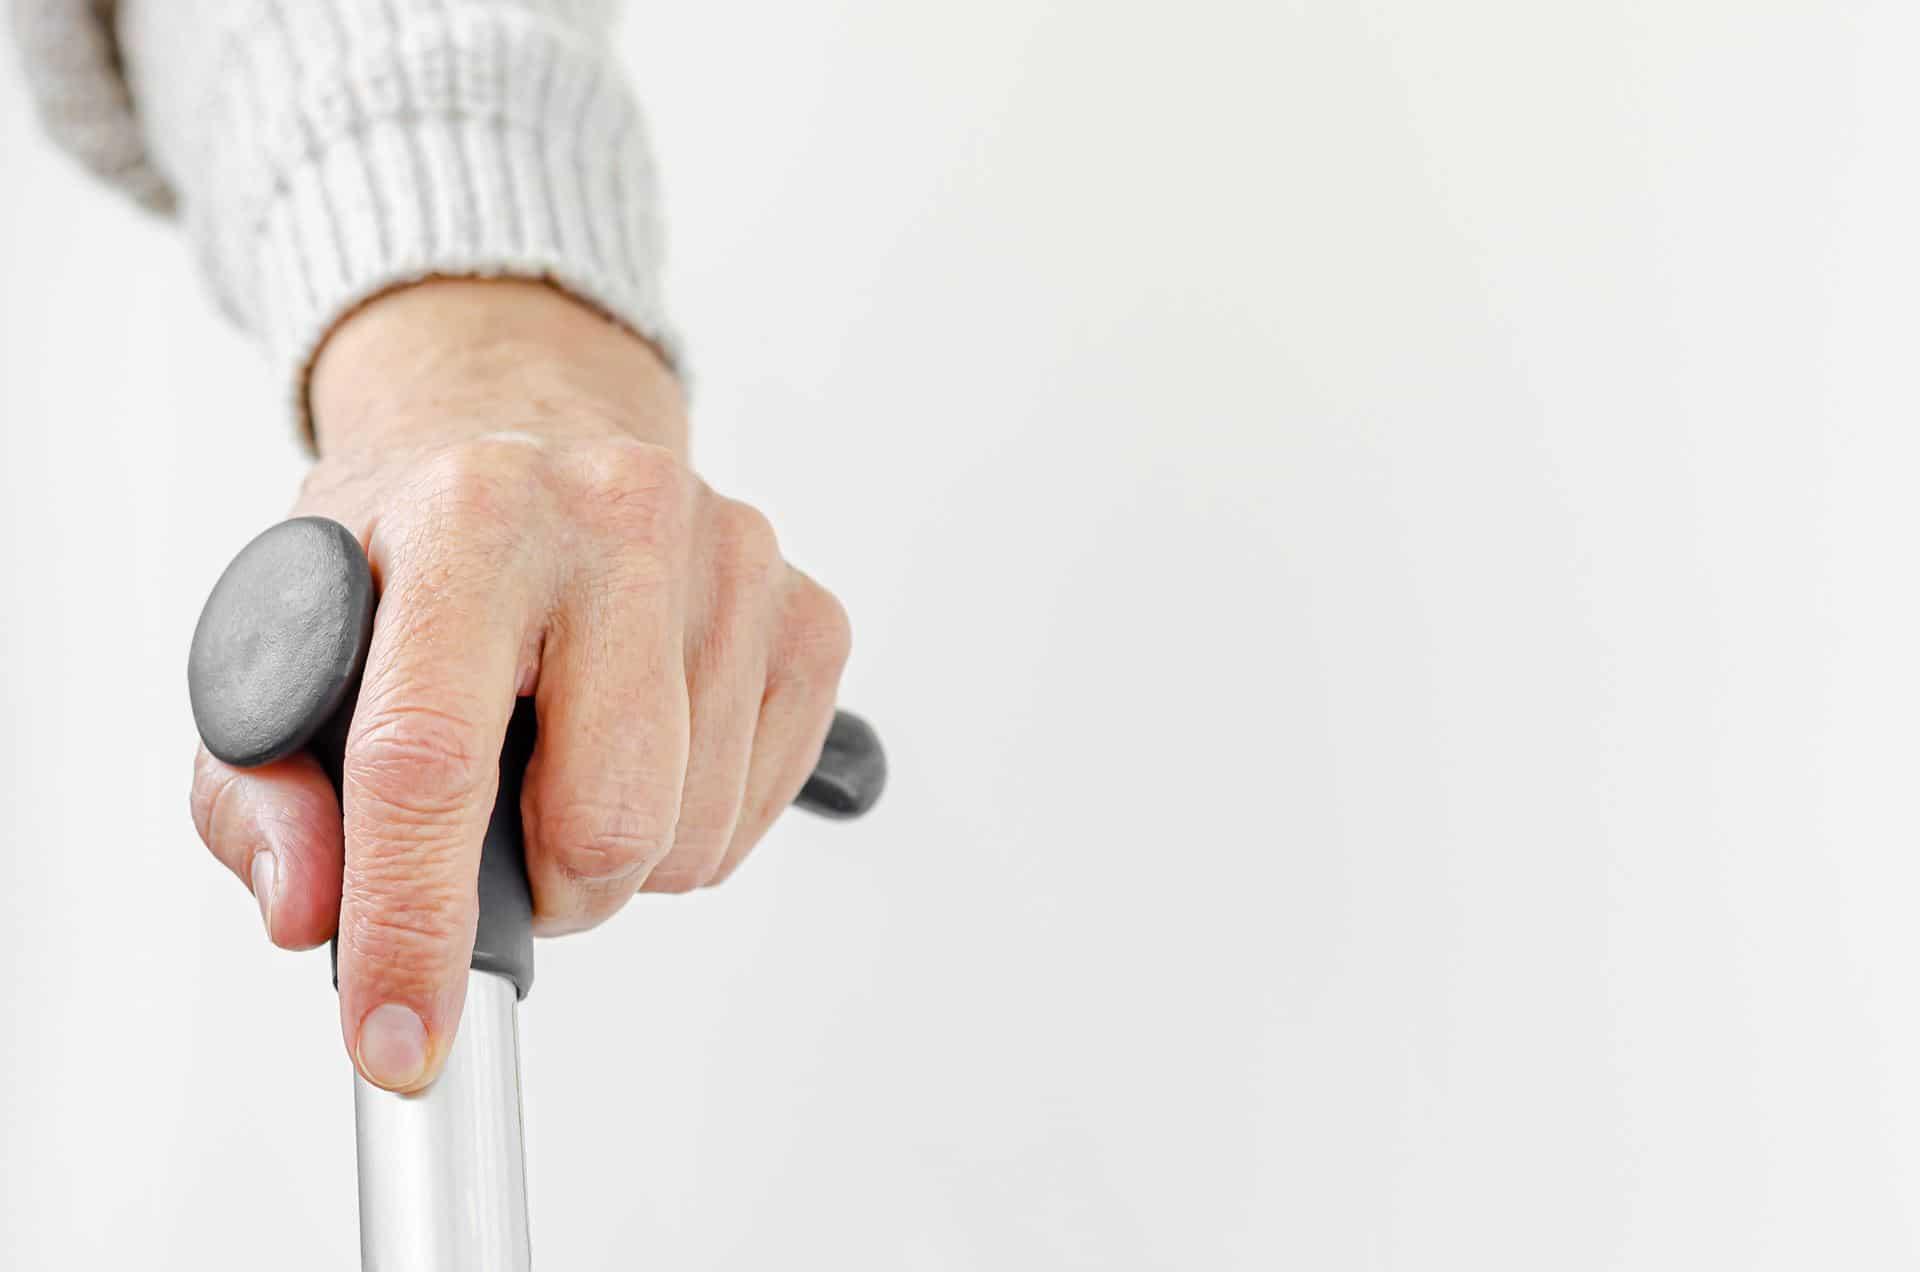 אירוע מוחי צד שמאל- Restart Therapy שיקום פרטי בבית הלקוח